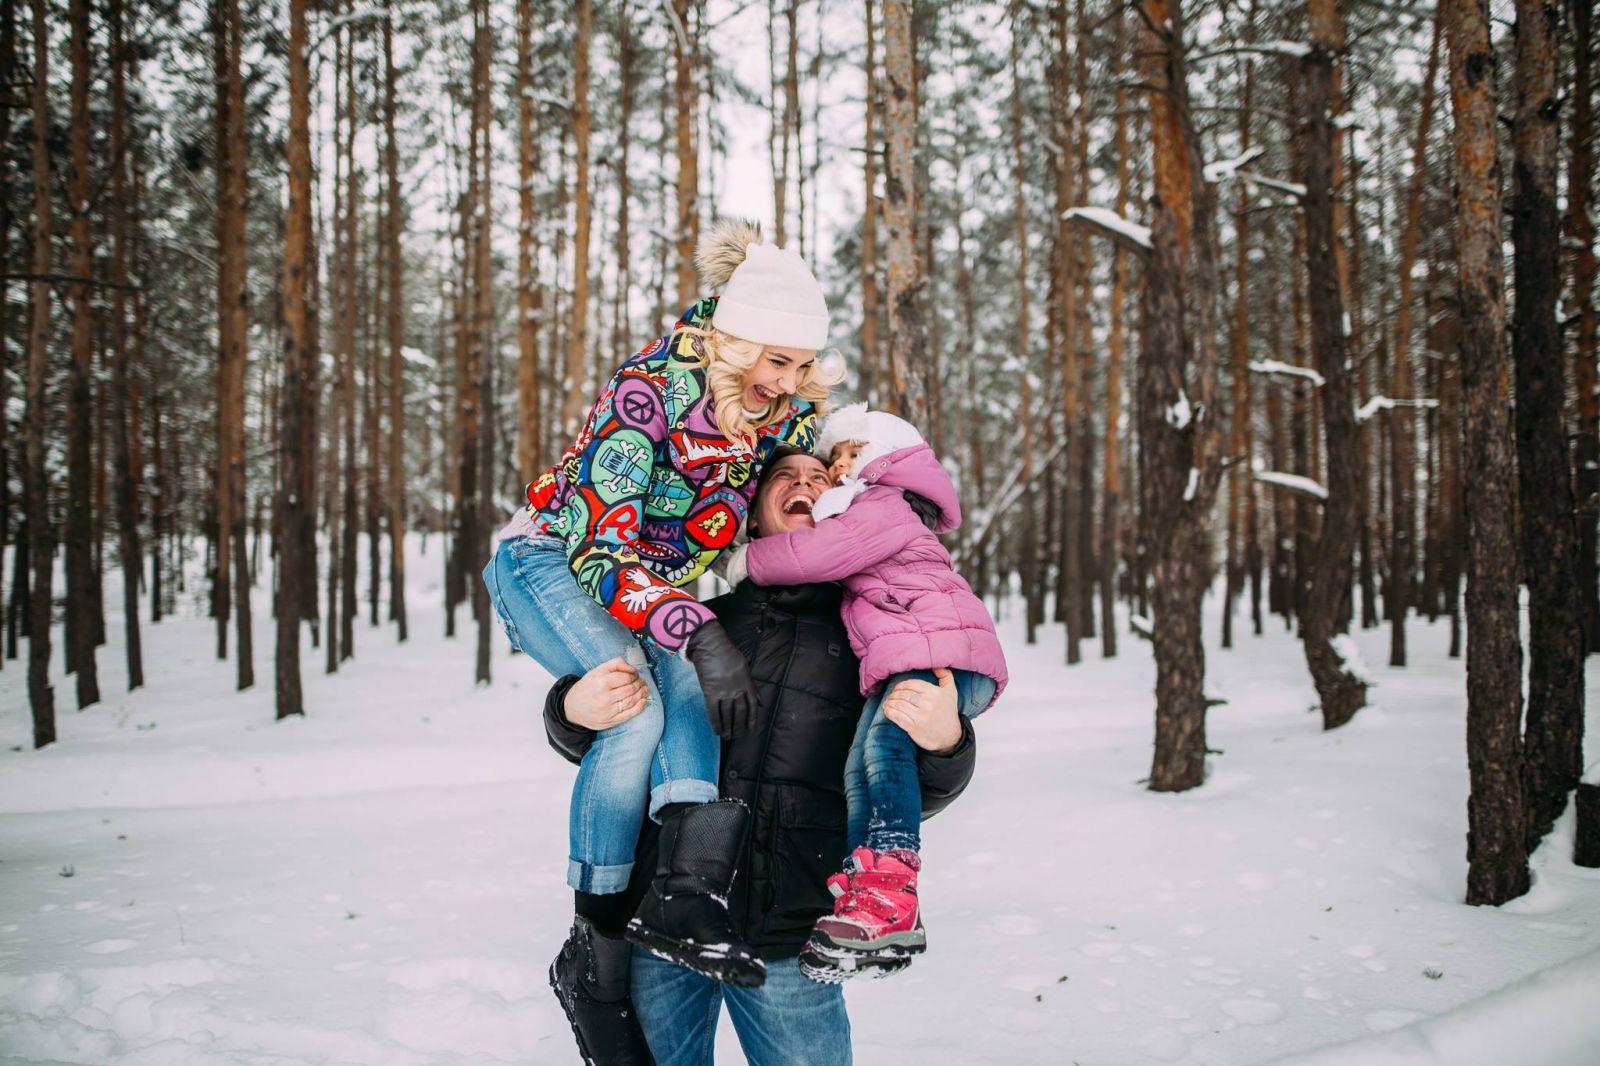 Monatik, Лилия Ребрик, Дмитрий Комаров и многие другие украинские звезды поздравляют читателей Viva.ua с Новым годом-2018!